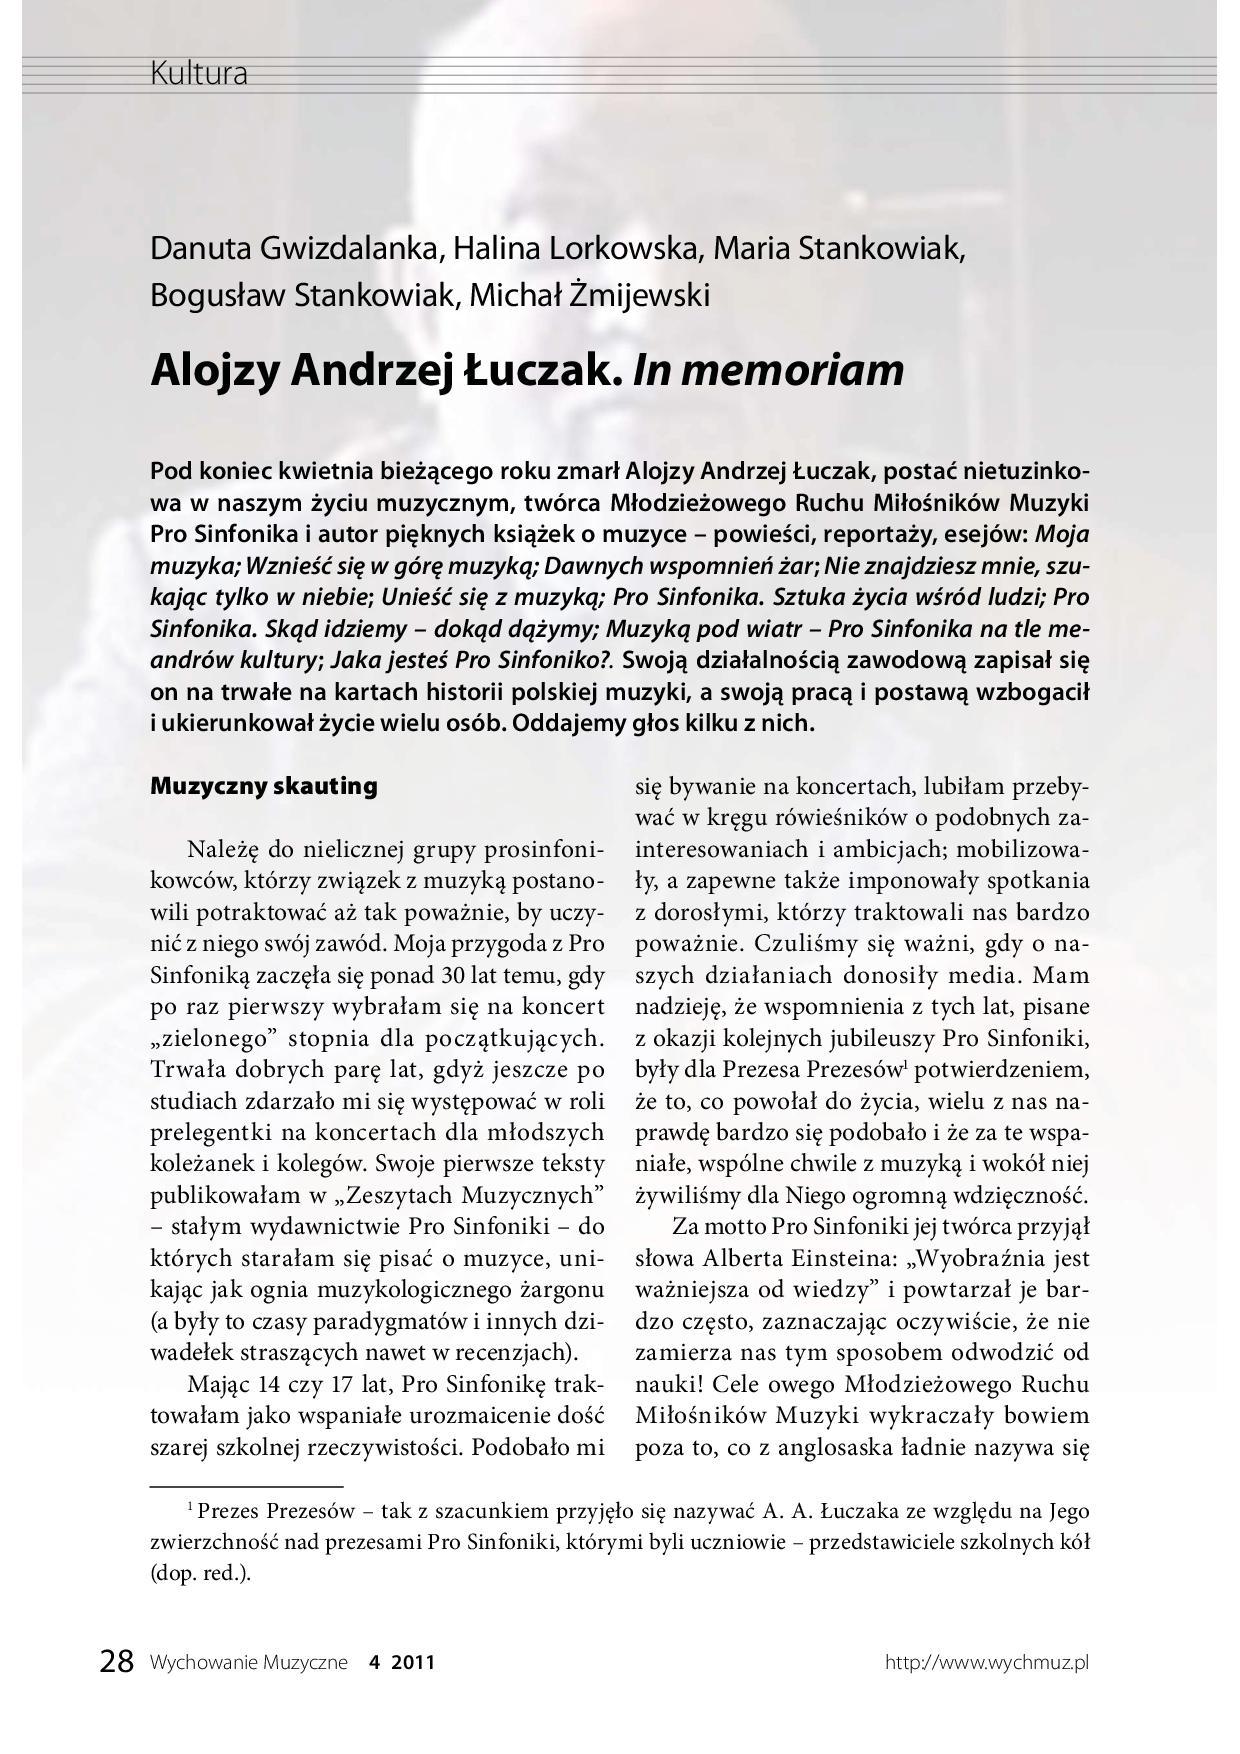 Alojzy Andrzej Łuczak in memoriam